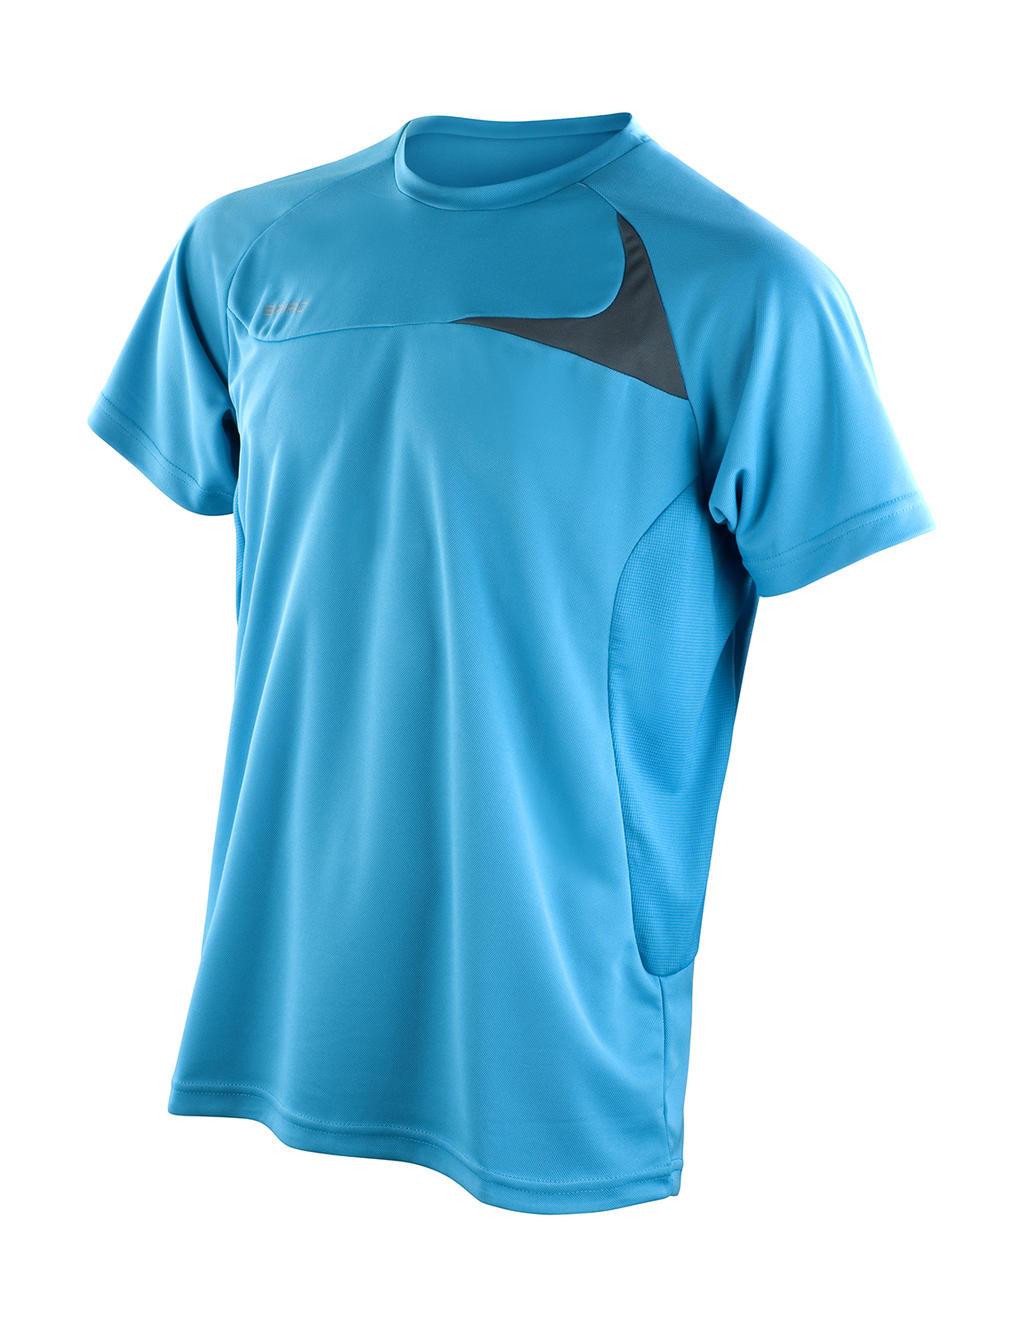 Pánská tréninková košile Spiro Dash - zvìtšit obrázek